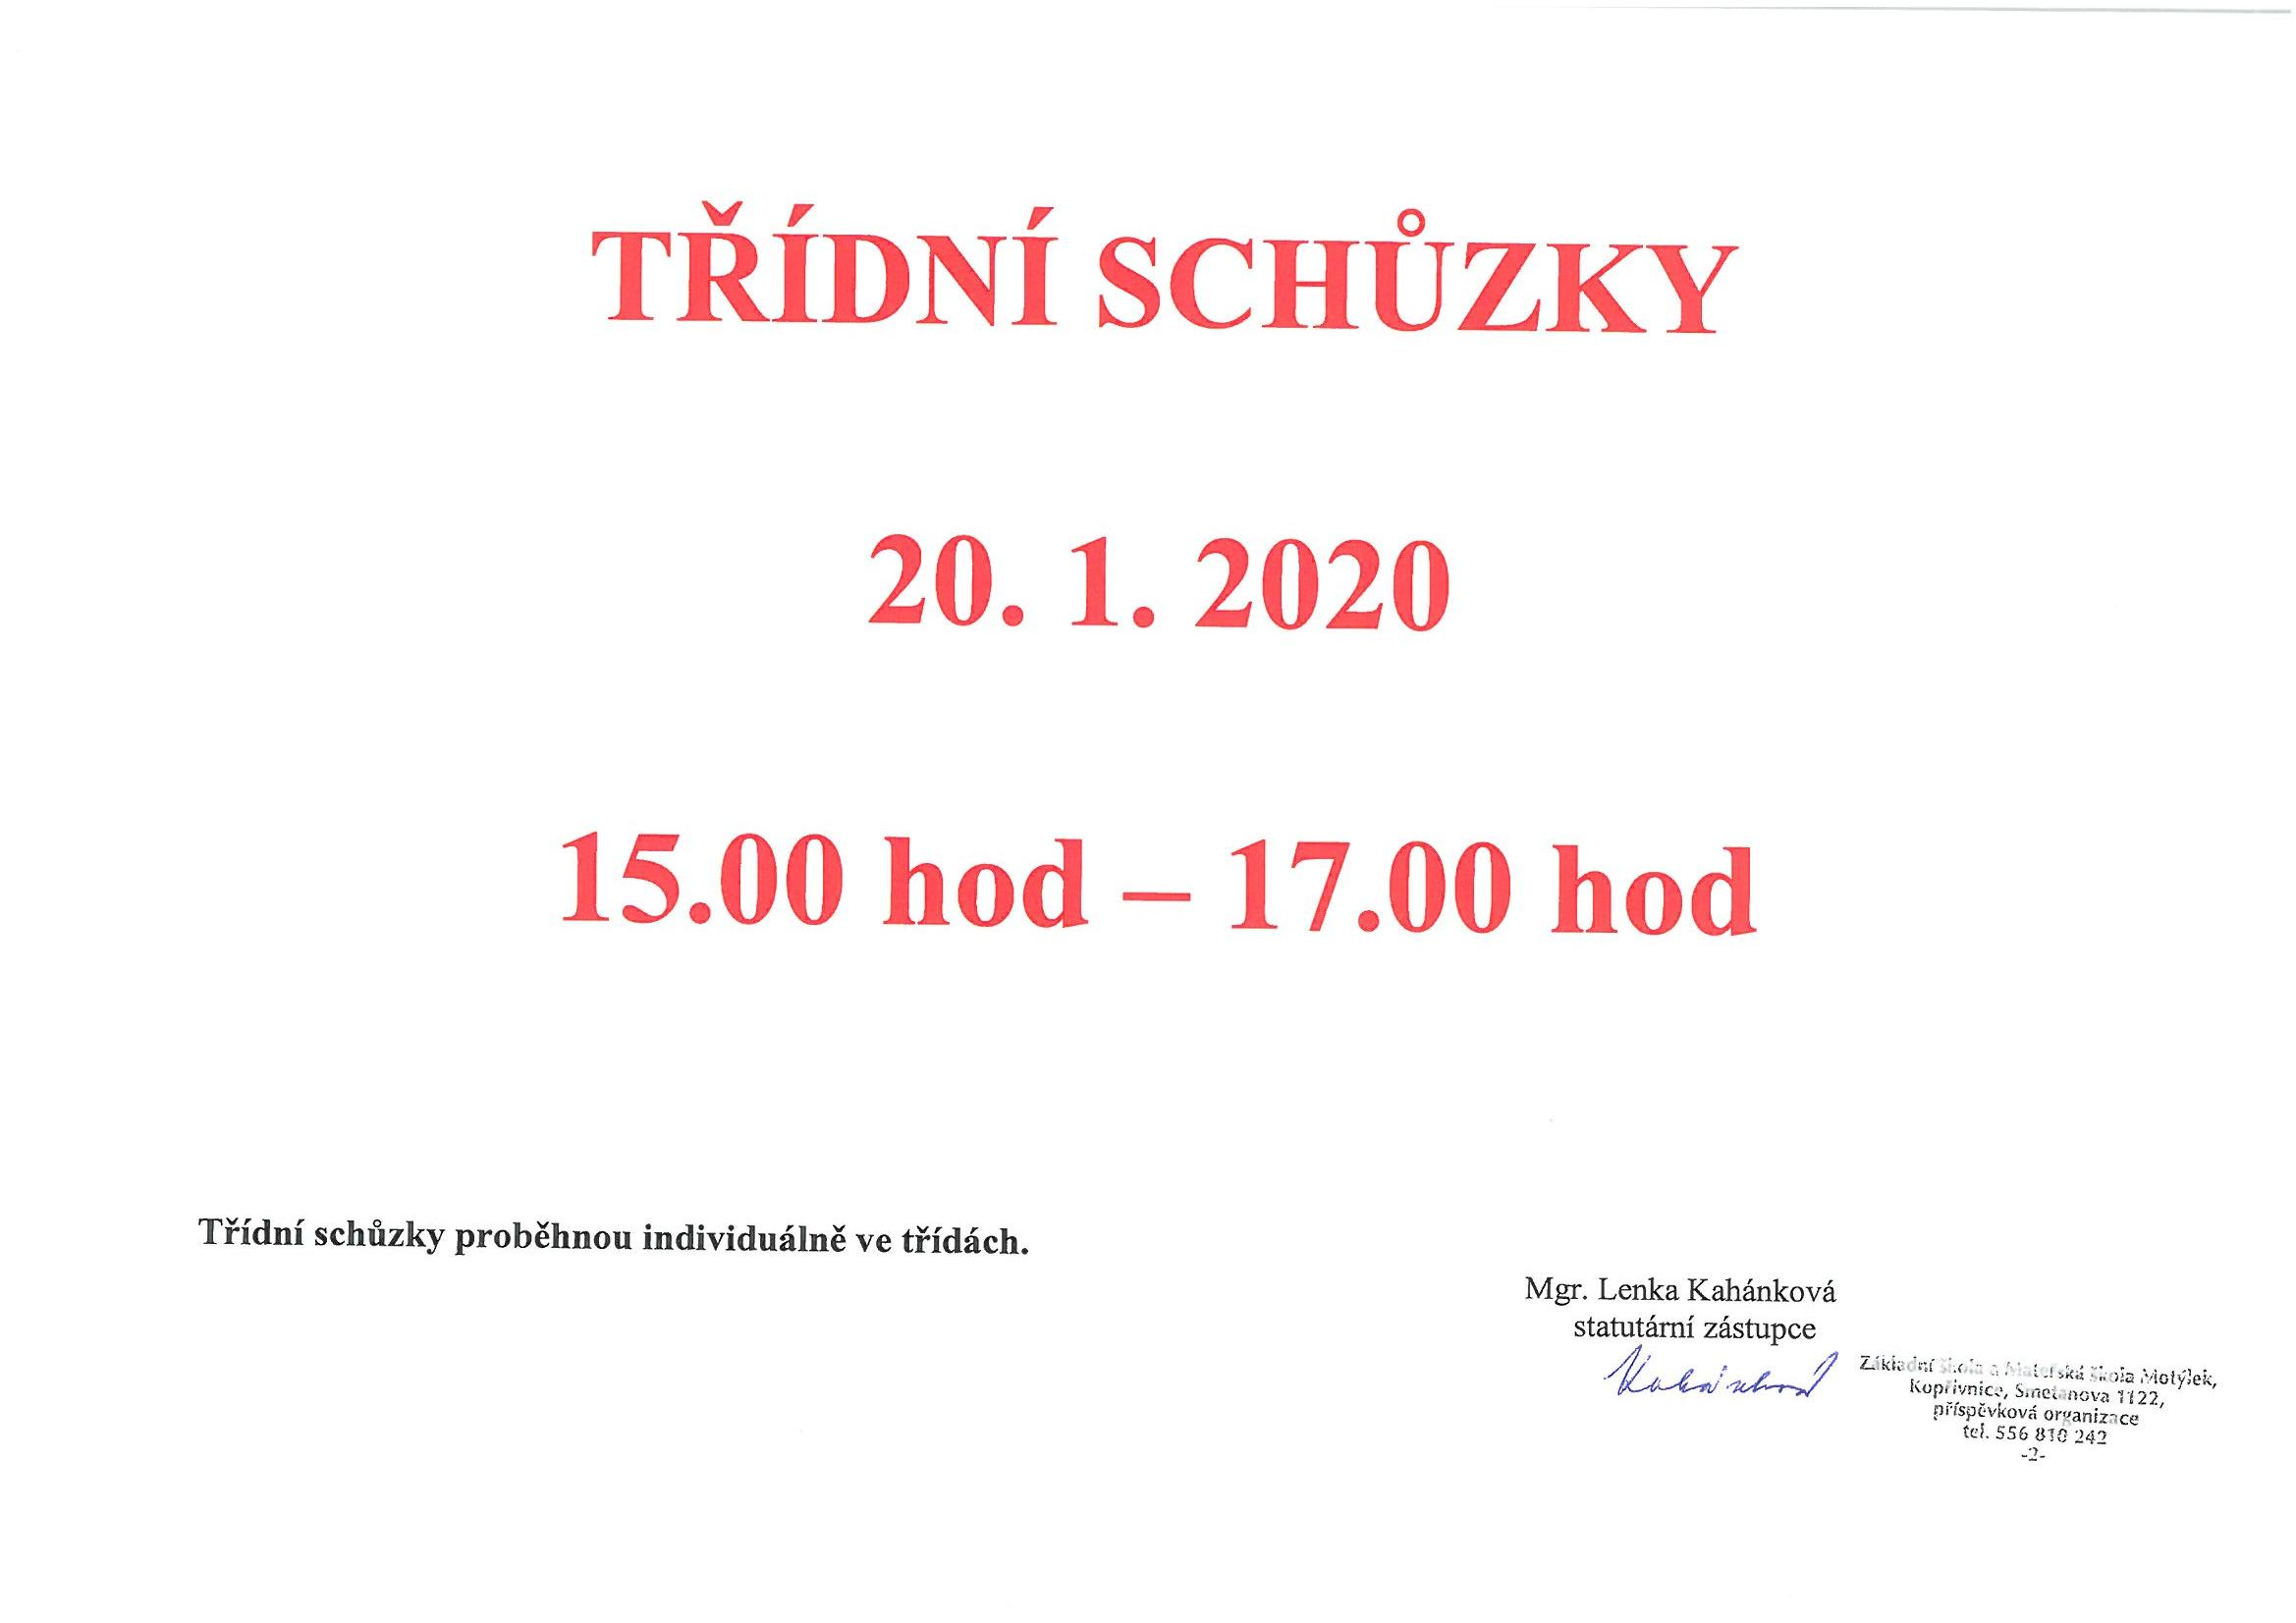 tridnischuzky20